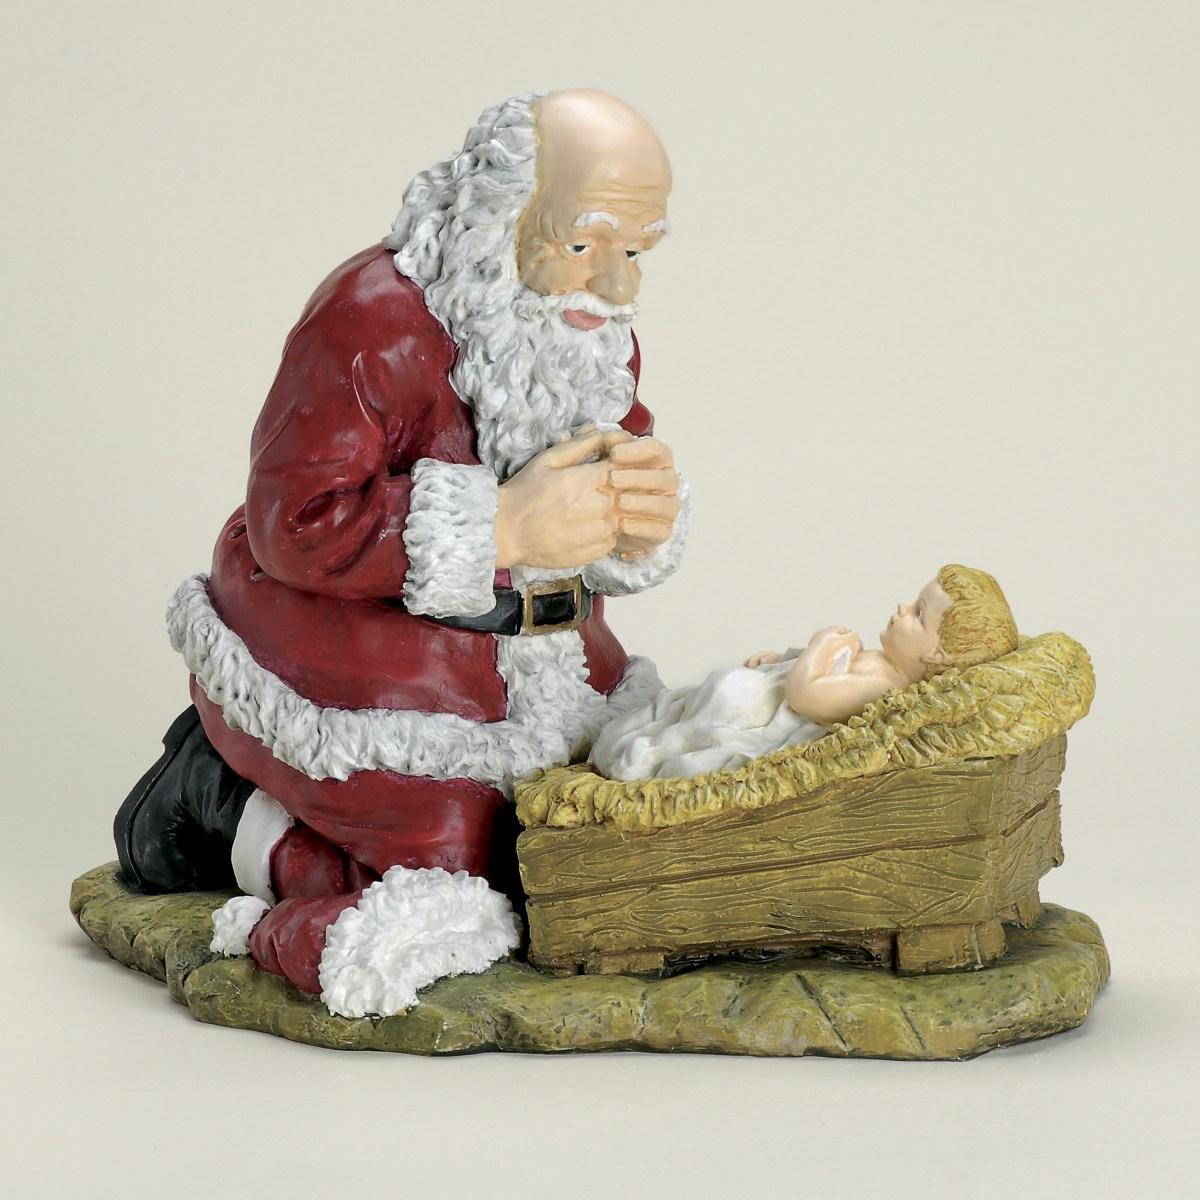 Merry Magical Girl Christmas